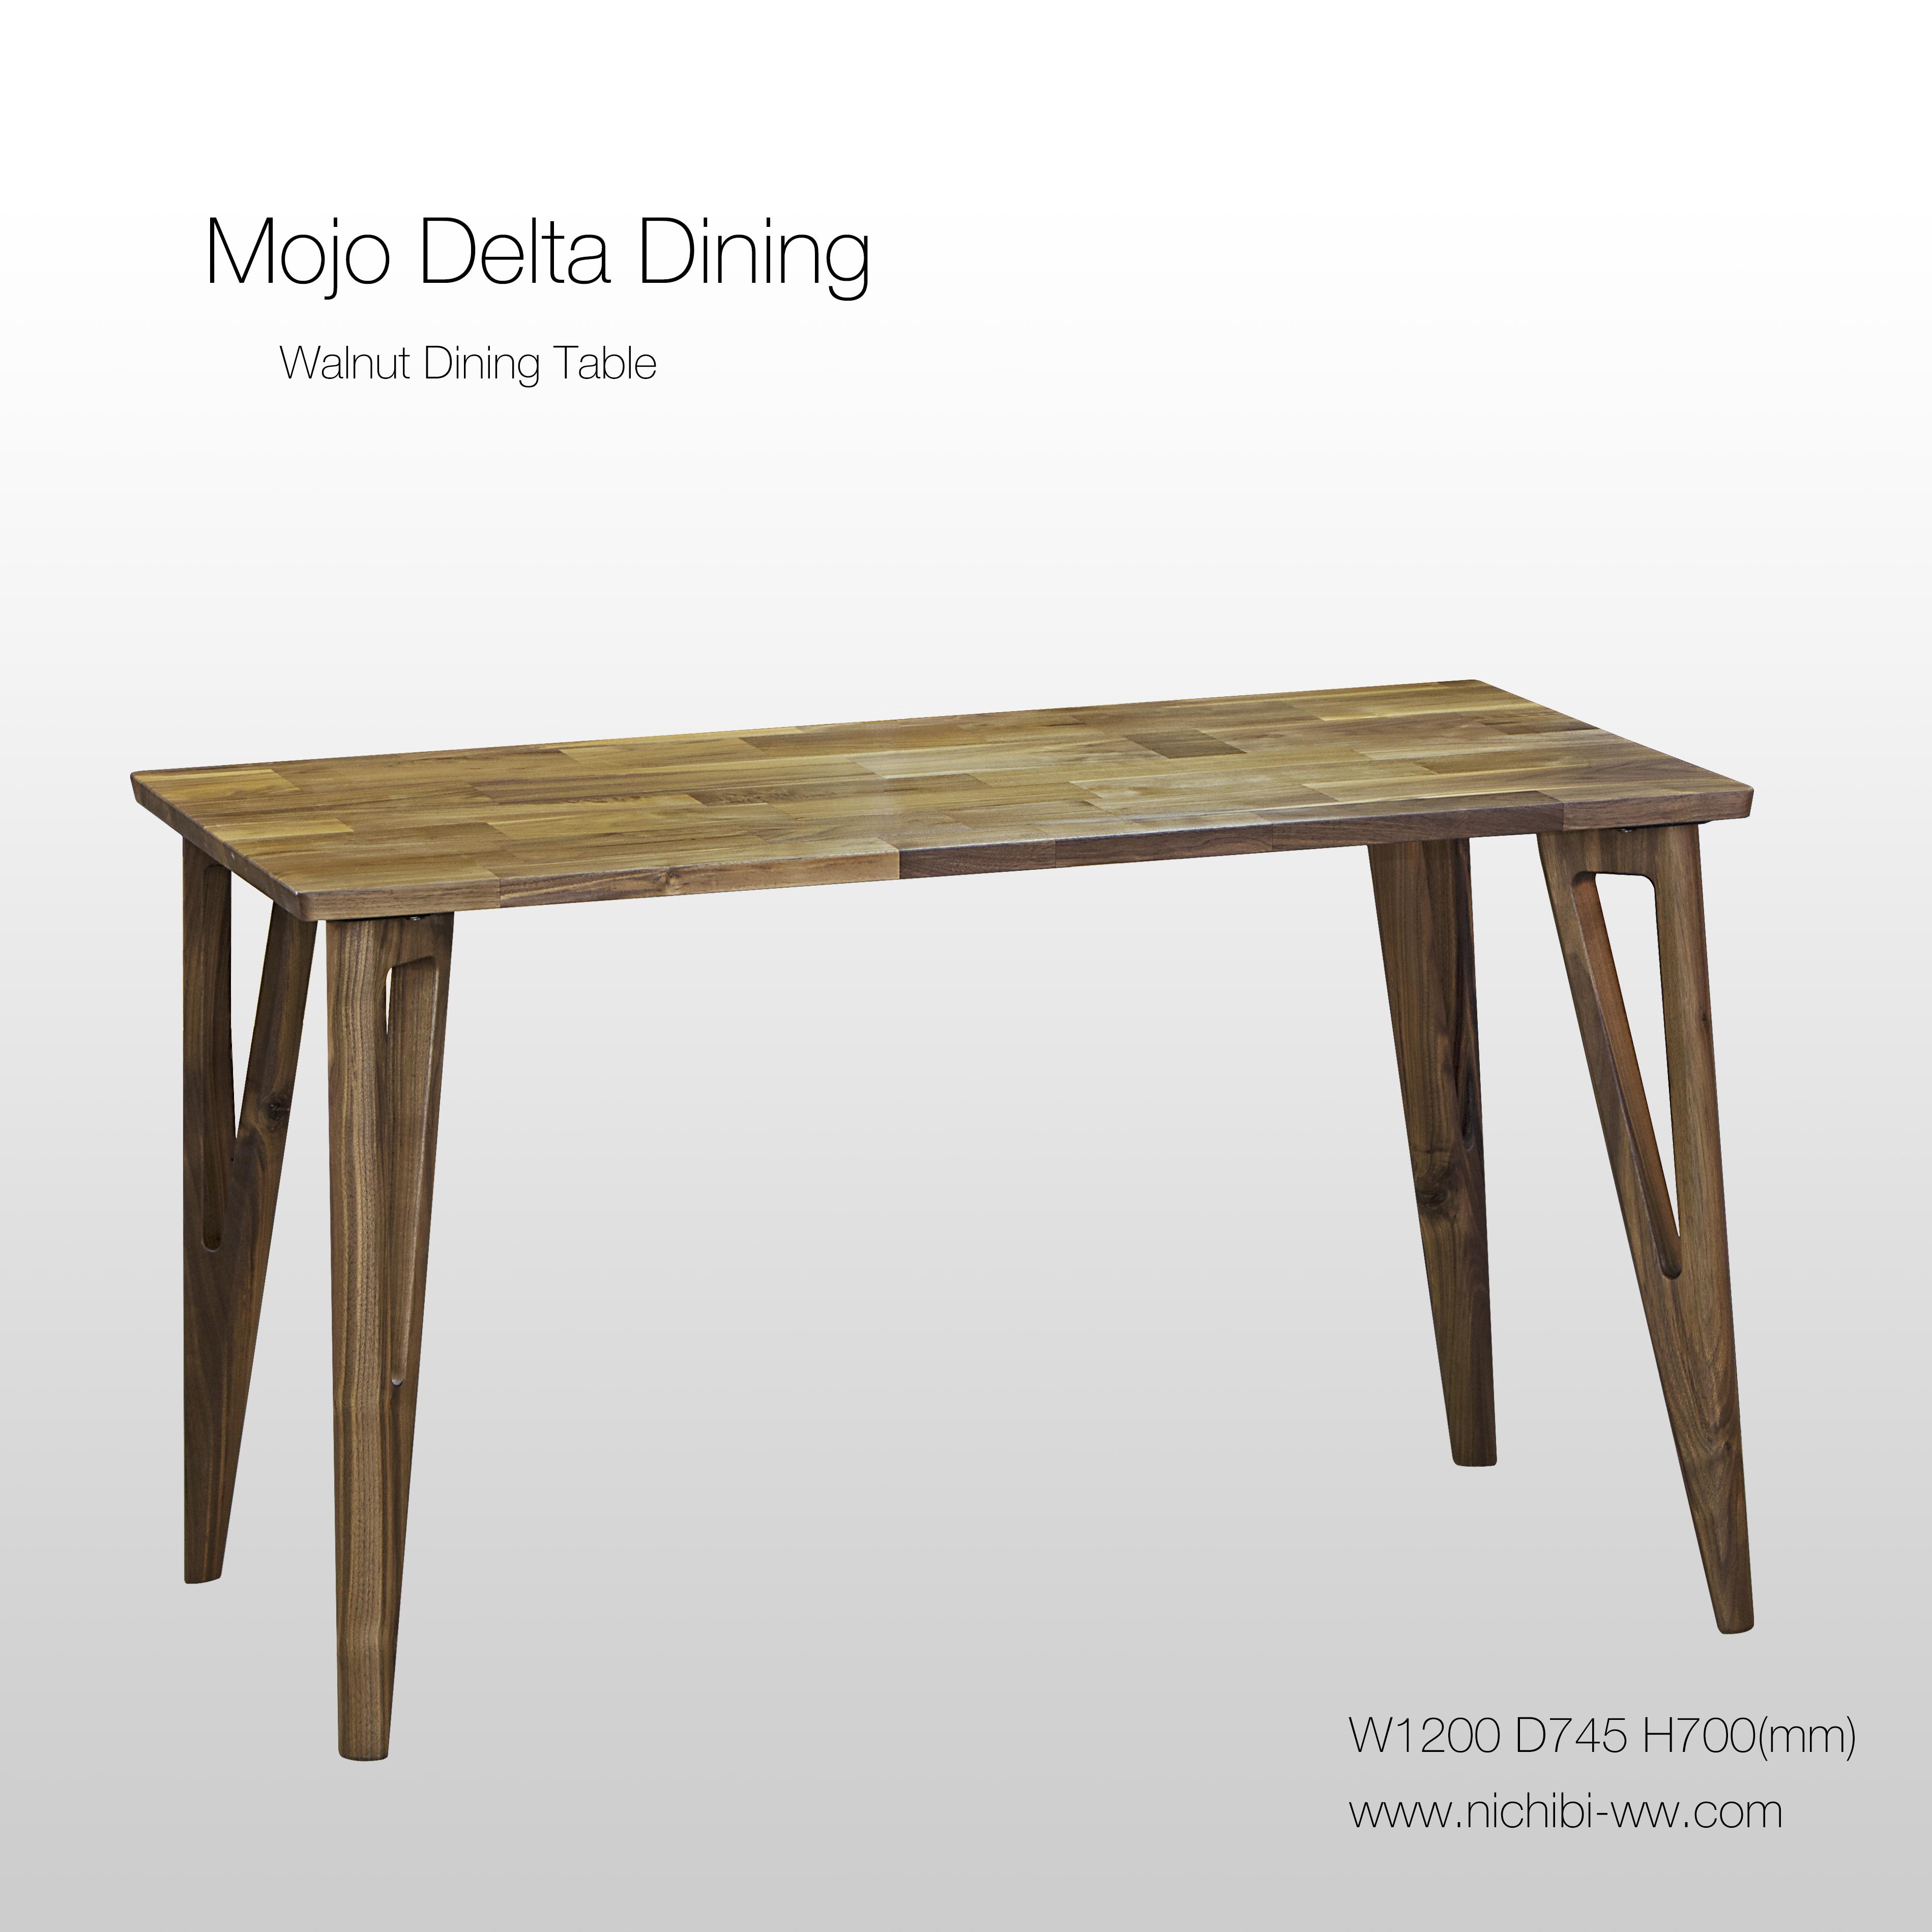 Mojo Delta Dining